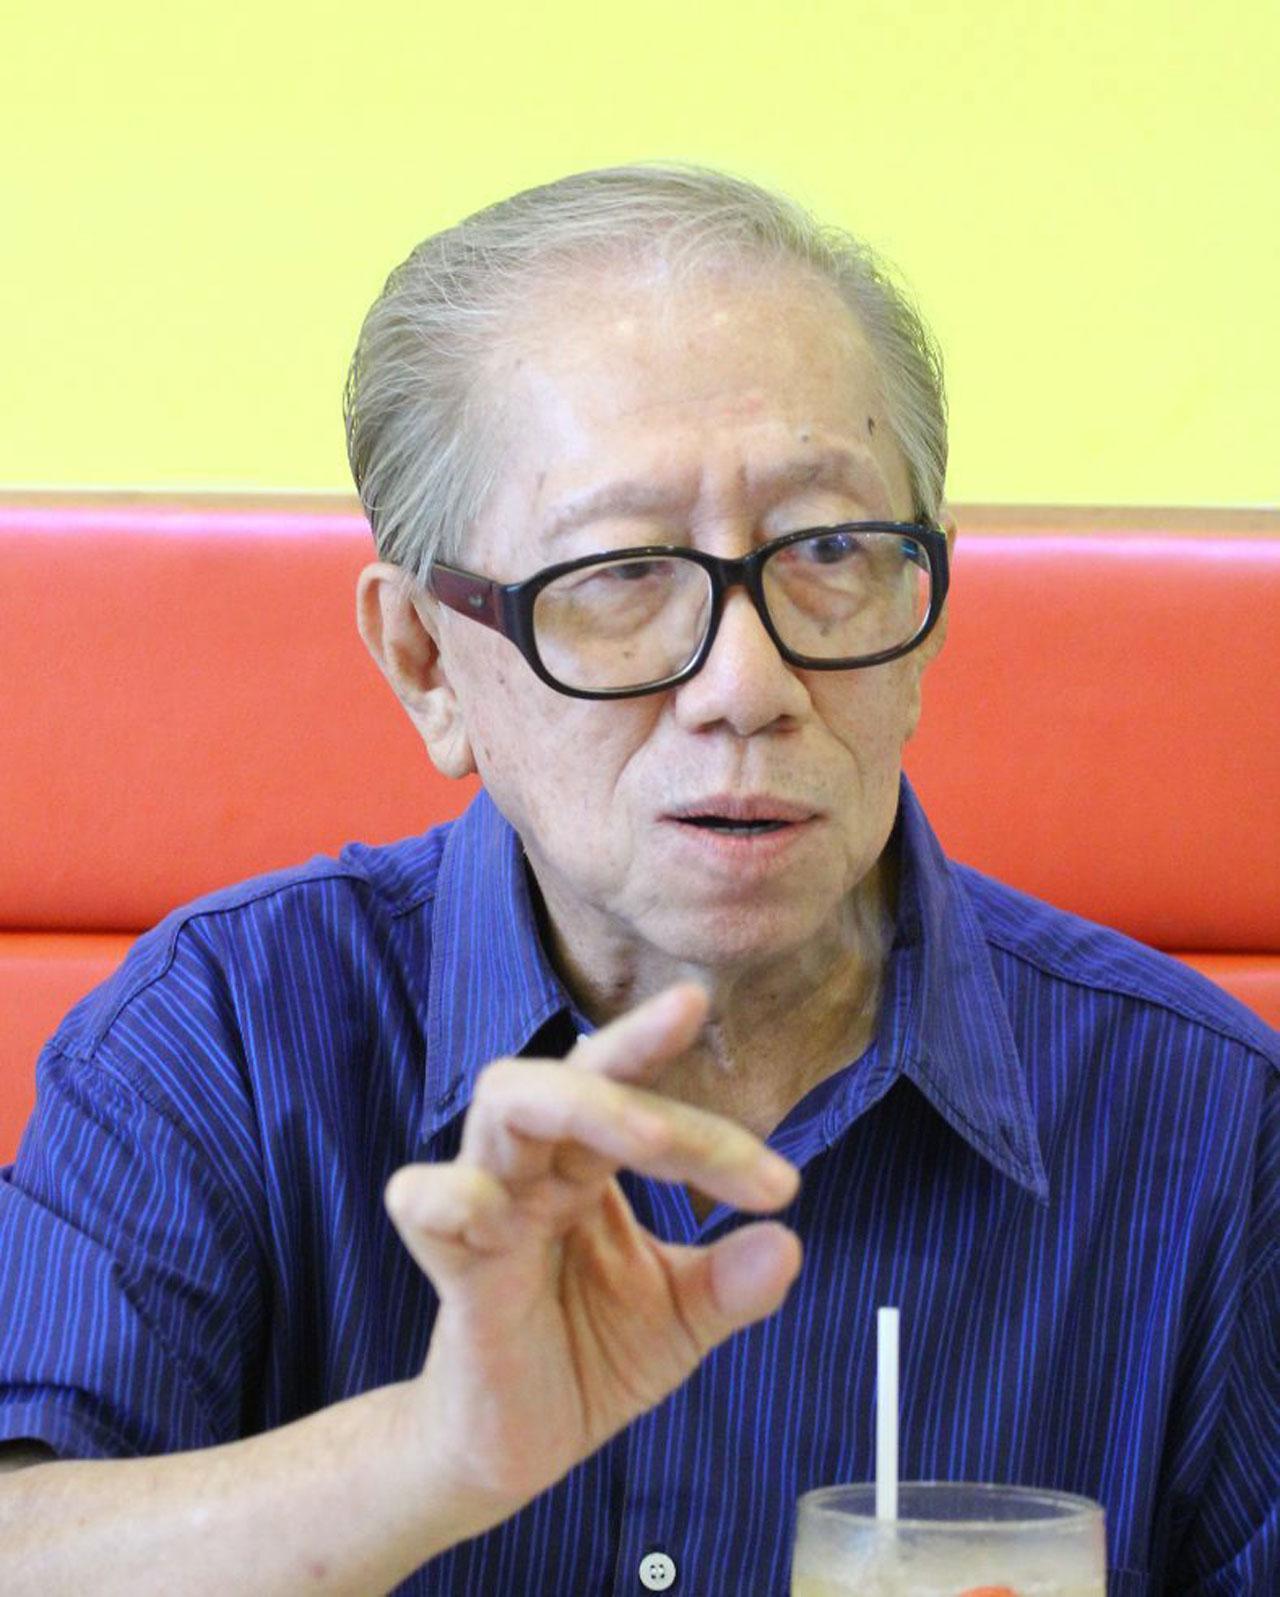 รศ.ดร.ชัยวัฒน์ คุประตกุล หนึ่งในนักวิทยาศาสตร์ของประเทศไทย